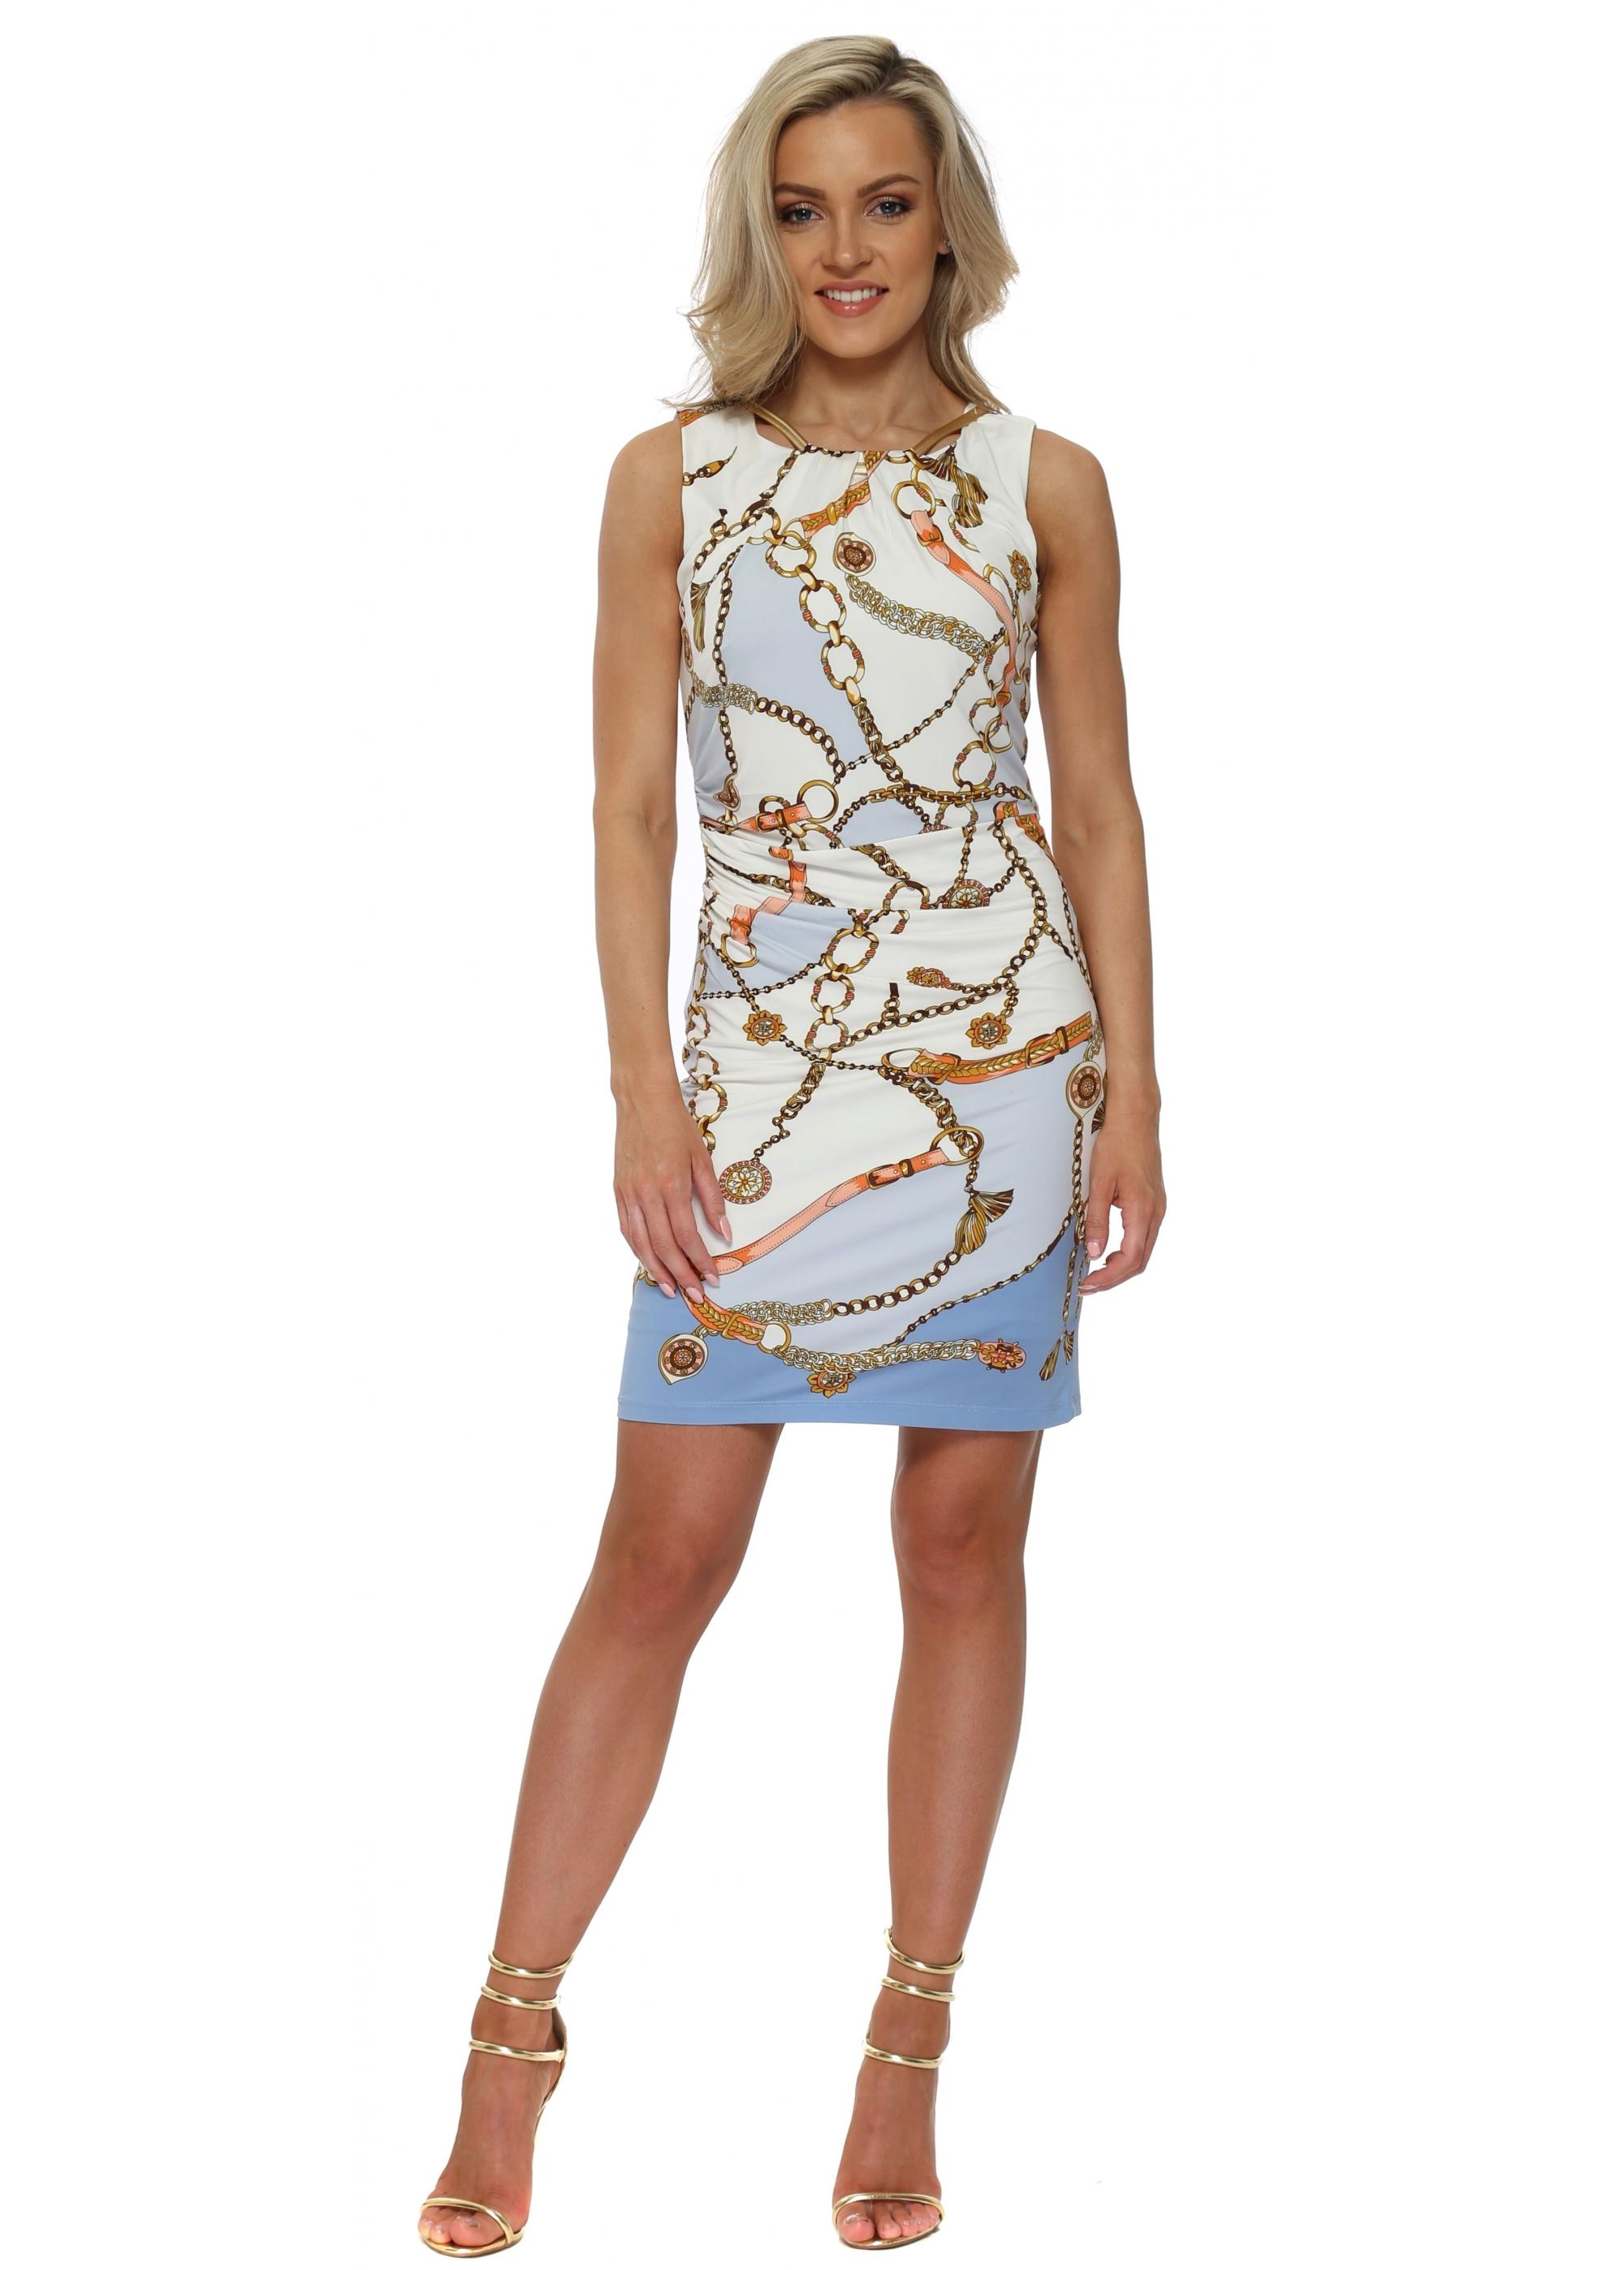 K Design Dress J862 Blue Amp White Gold Chain Print